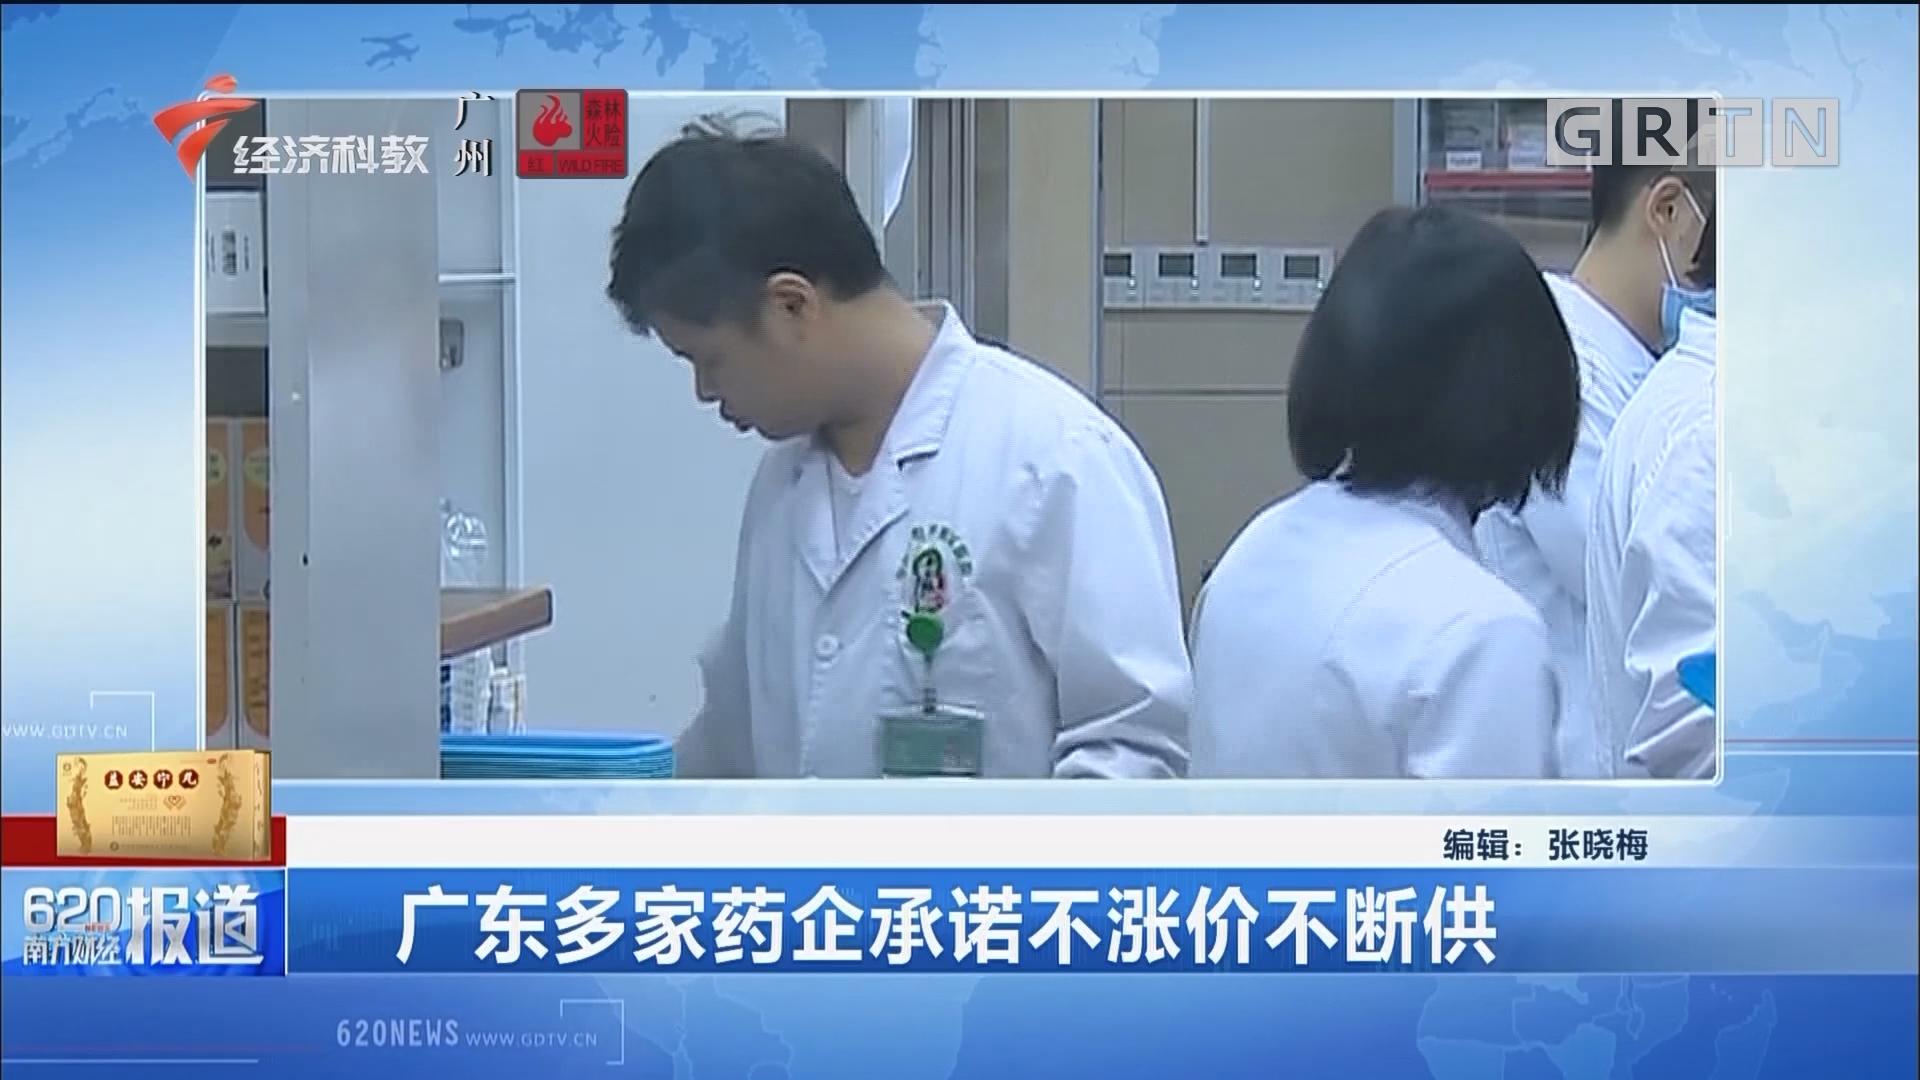 广东多家药企承诺不涨价不断供